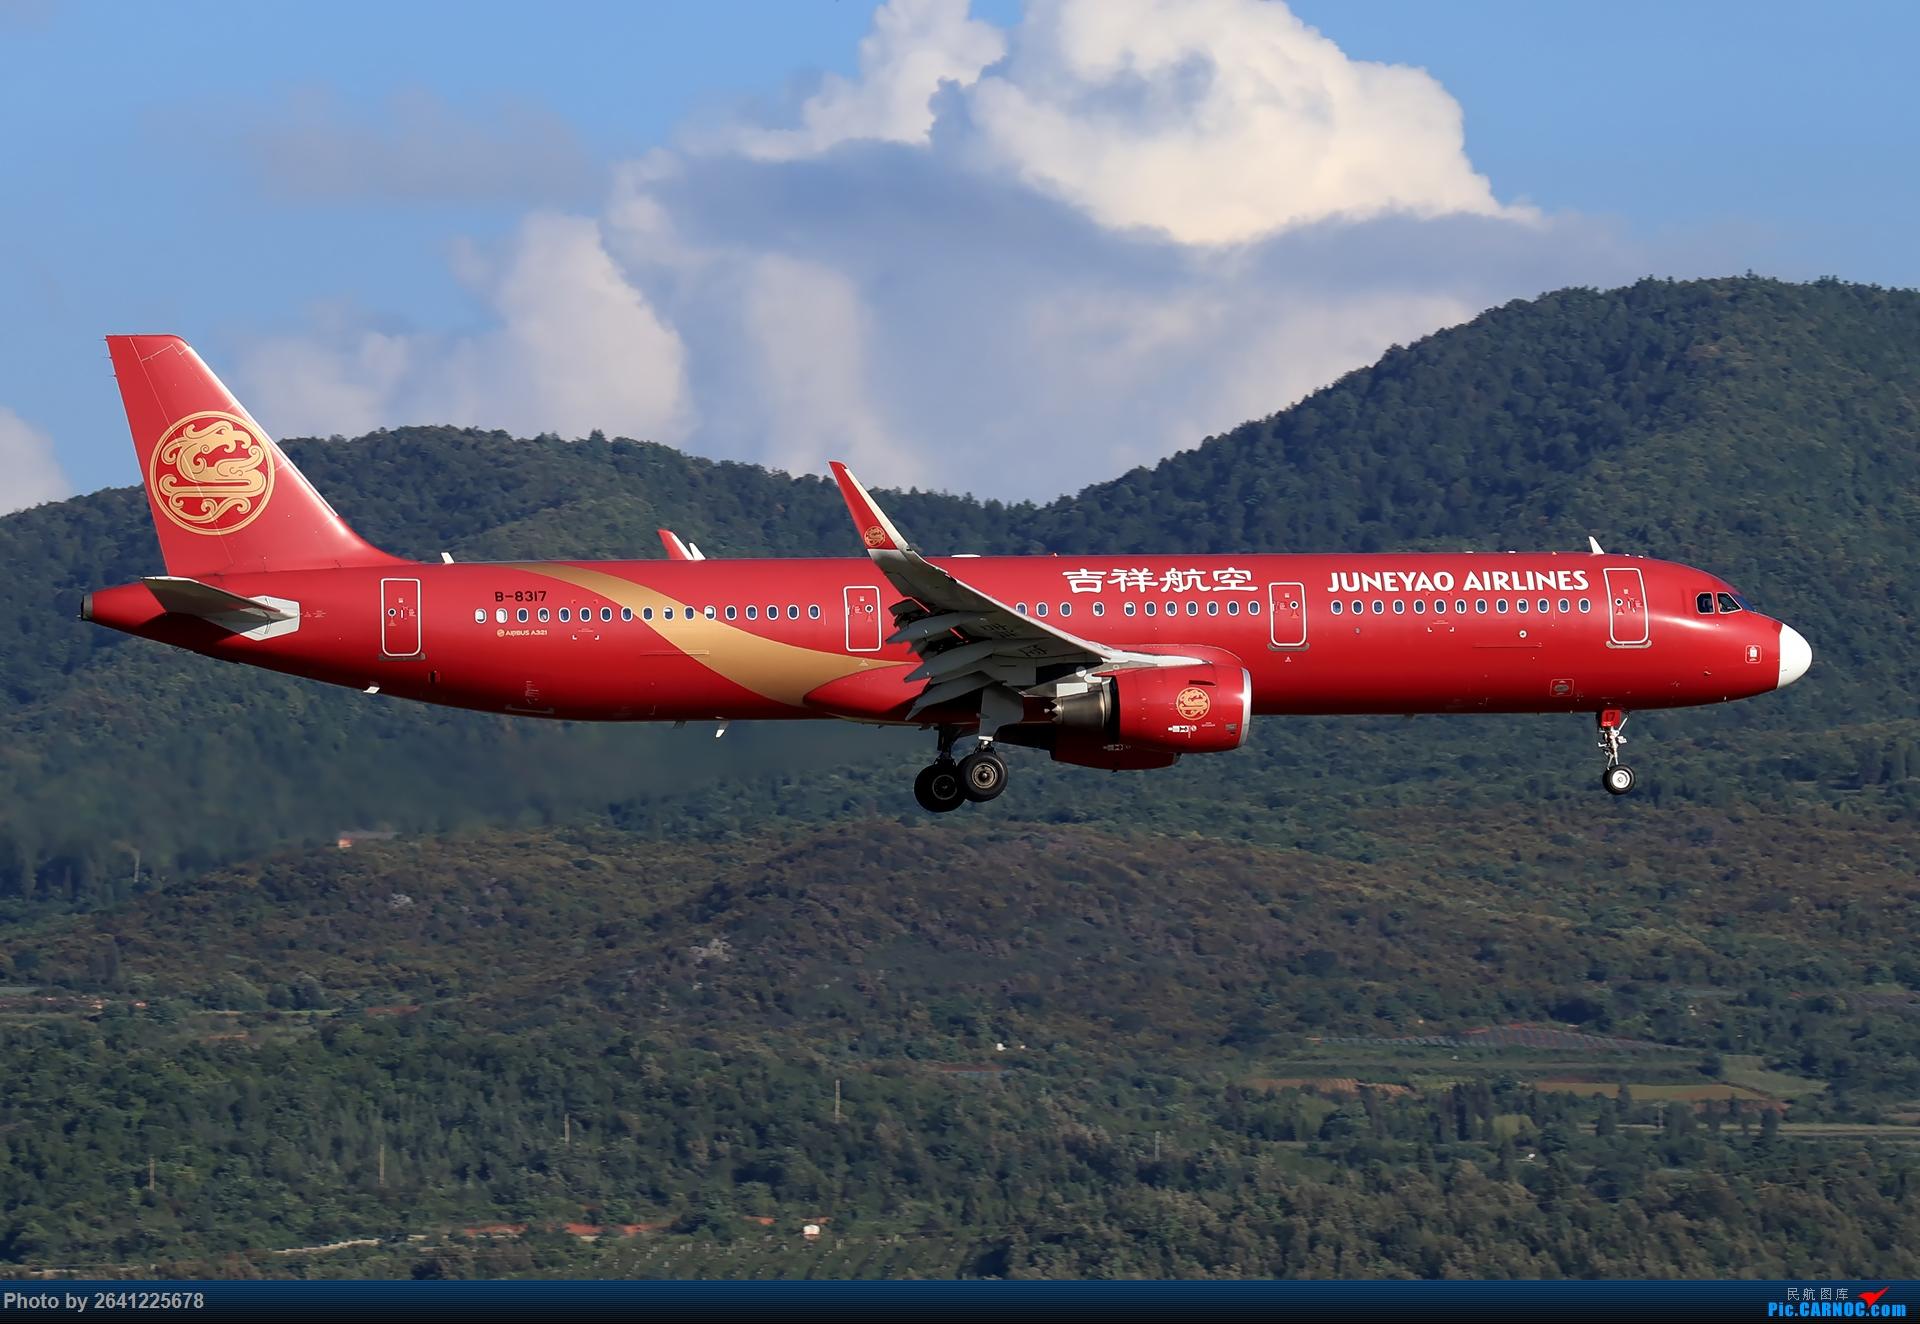 Re:[原创]【KMG】又见长水(1) AIRBUS A321-200 B-8317 中国昆明长水国际机场